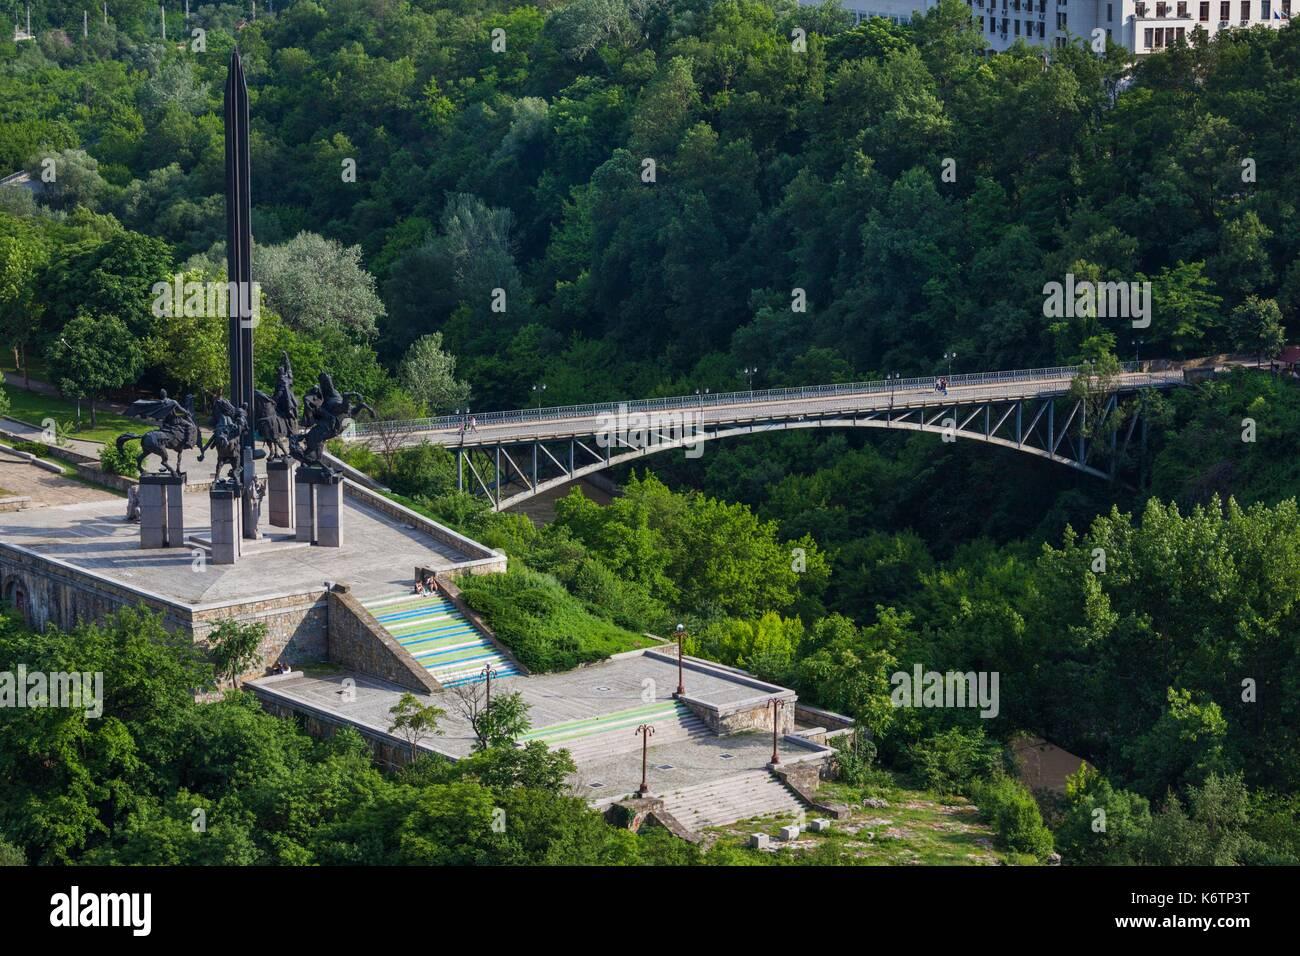 Bulgaria, Central Mountains, Veliko Tarnovo, Monument to the Assens, elevated view Stock Photo